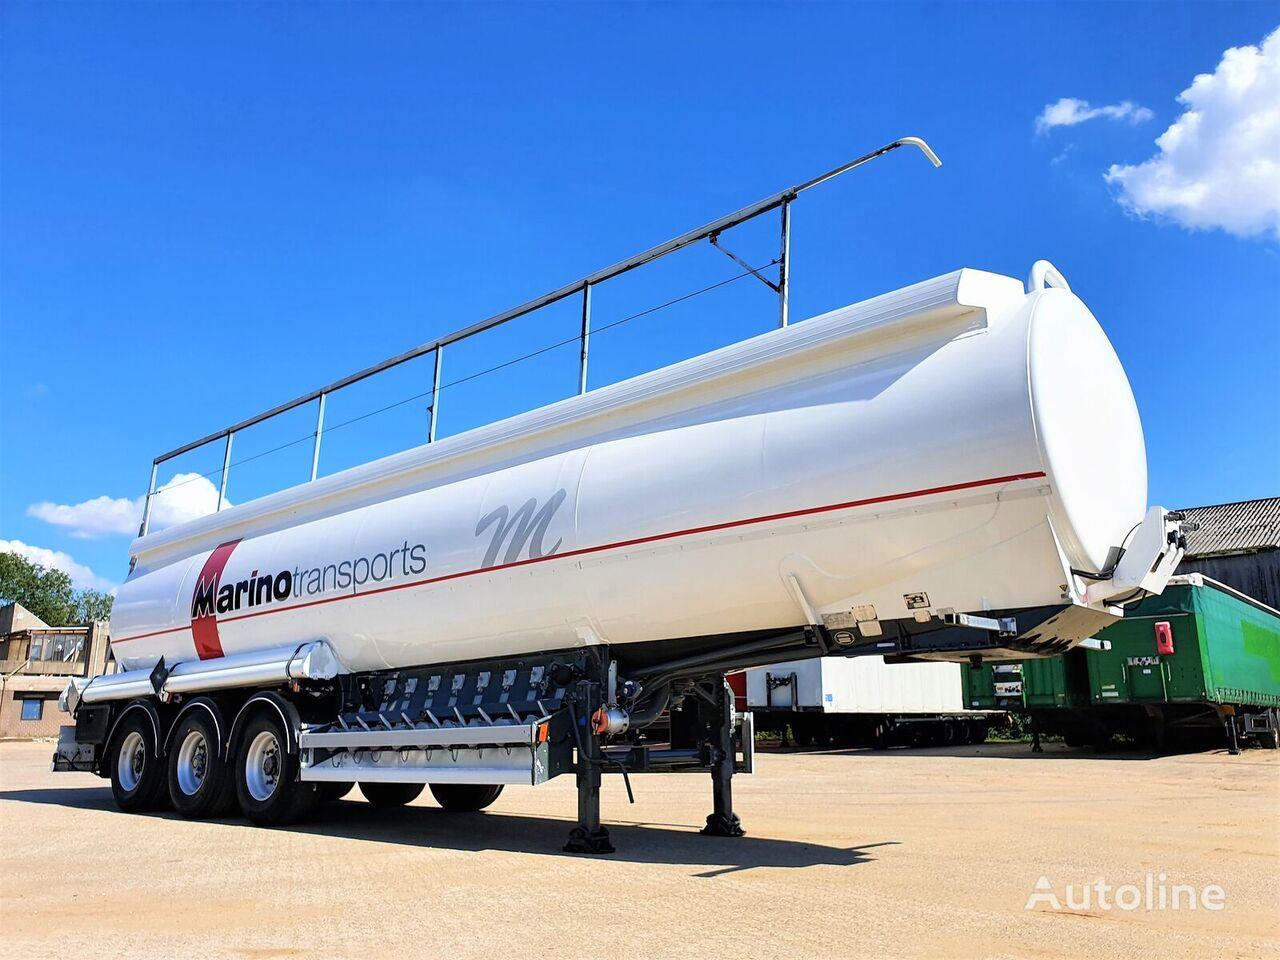 TRAILOR 38000ltr-9 comp ADR class 3 VALID 03-2021 cisterna de combustible